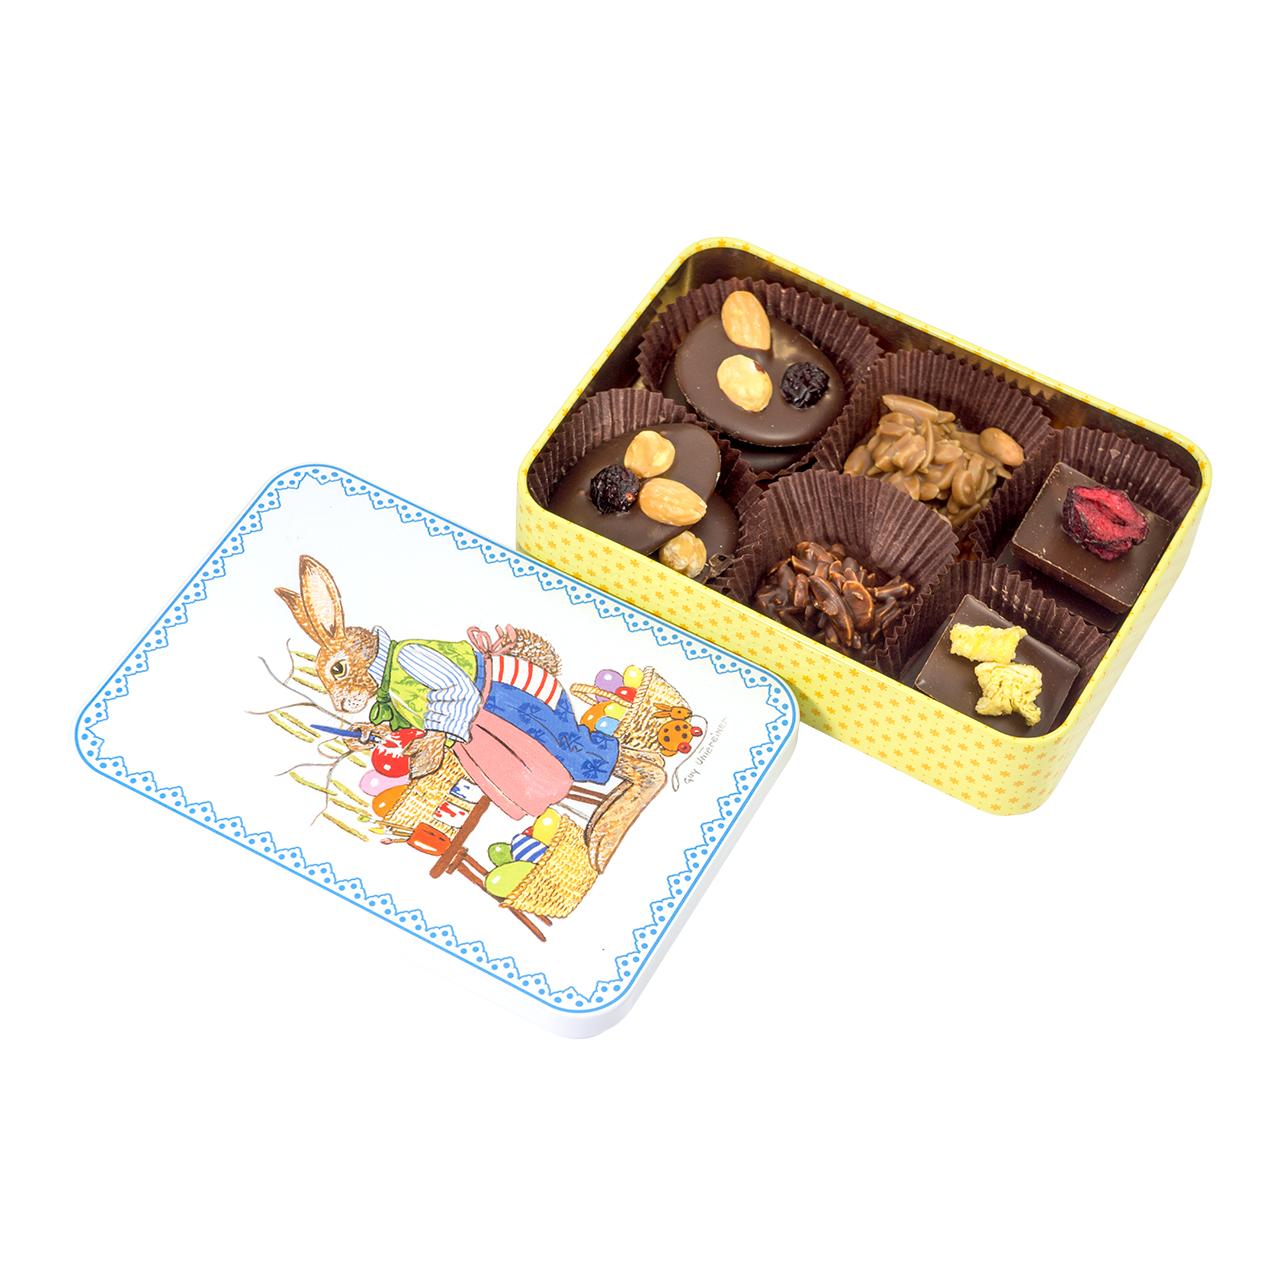 puszka z czekoladkami ostrów wielkopolski